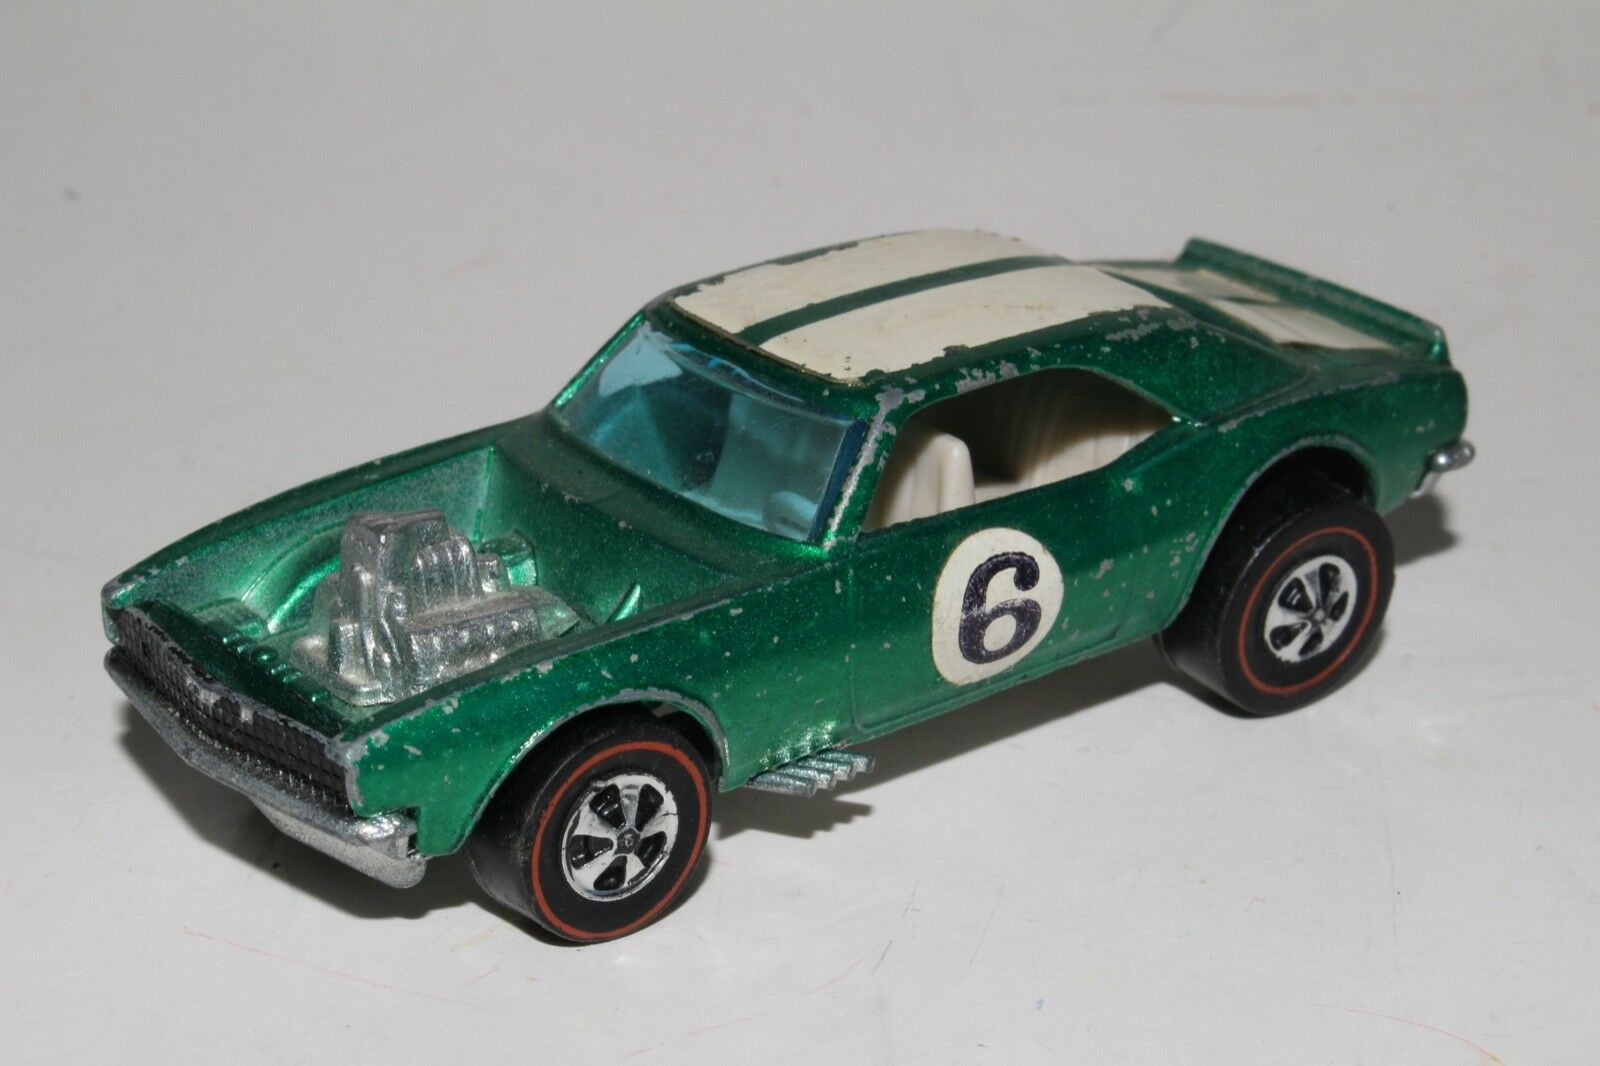 Hot Wheels rojoline Chevy pesado, verde metálico, Lindo, Original Original Original 917237